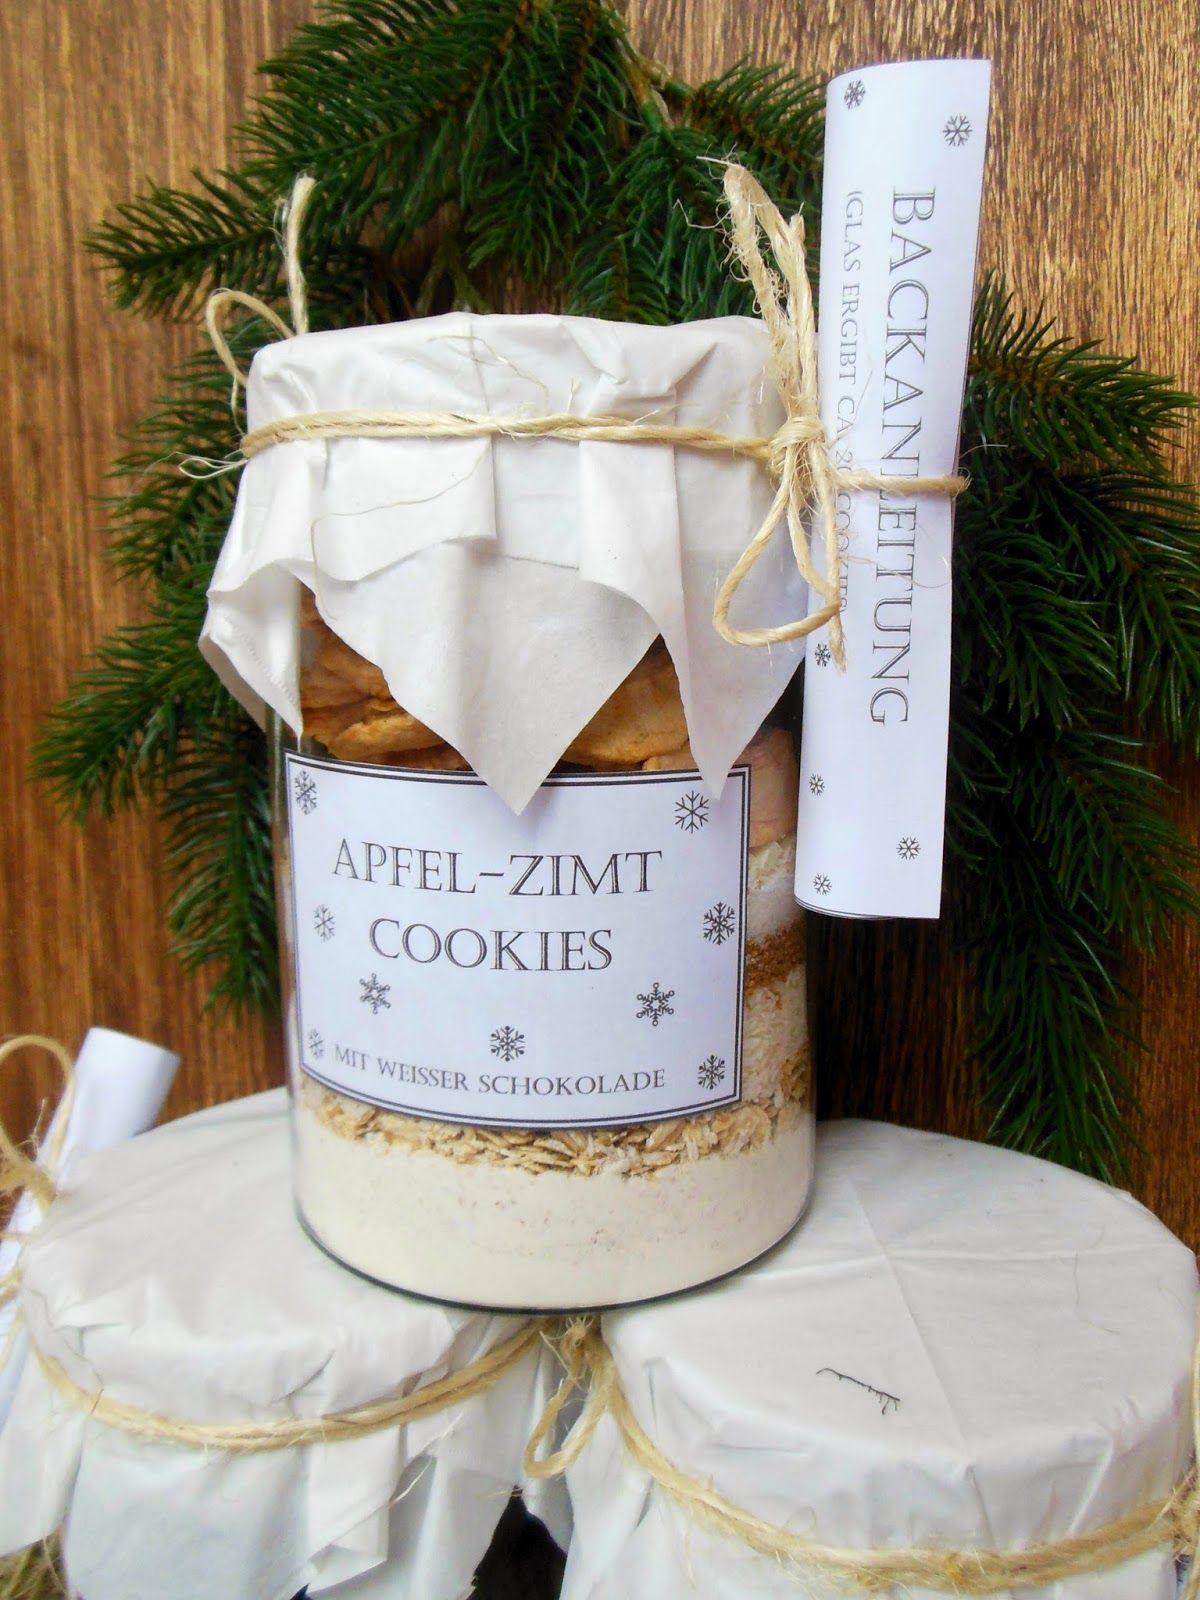 Geschenke aus der Küche (last minute) - Backmischungen im Glas: Apfel-Zimt Cookies mit weißer Schokolade & Cranberry-Kokos Cookies mit Vanille #weihnachtsmarktideenverkauf